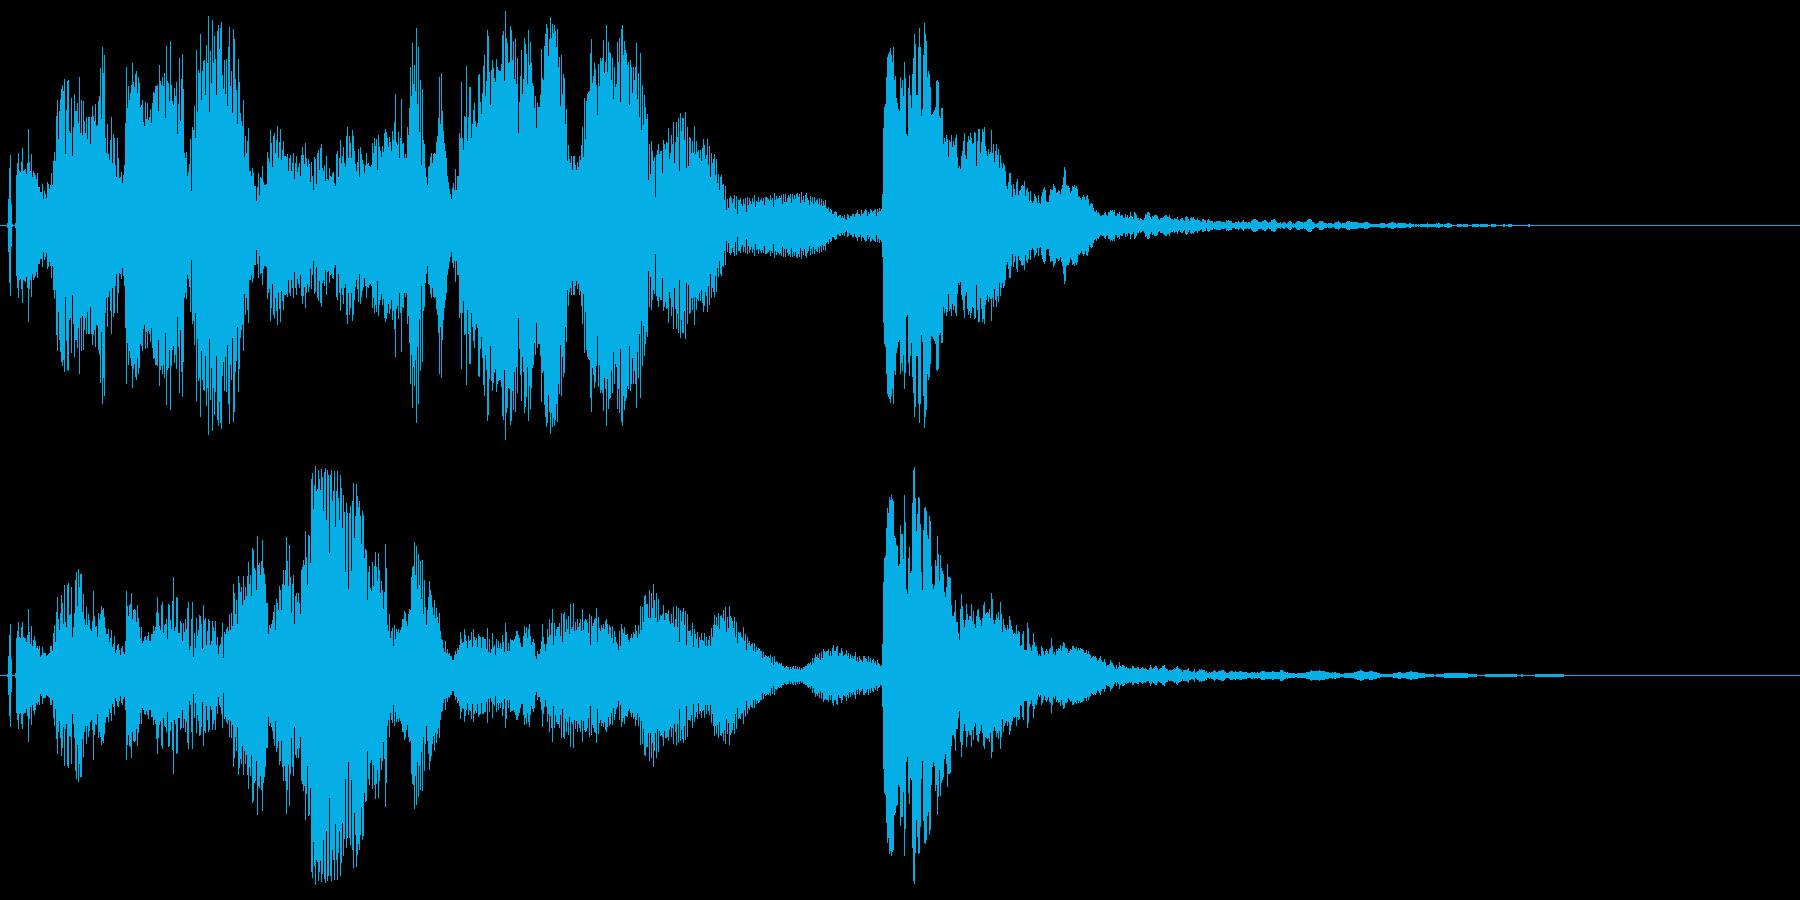 DJ,ラジオ系のサウンドロゴ,ジングル1の再生済みの波形